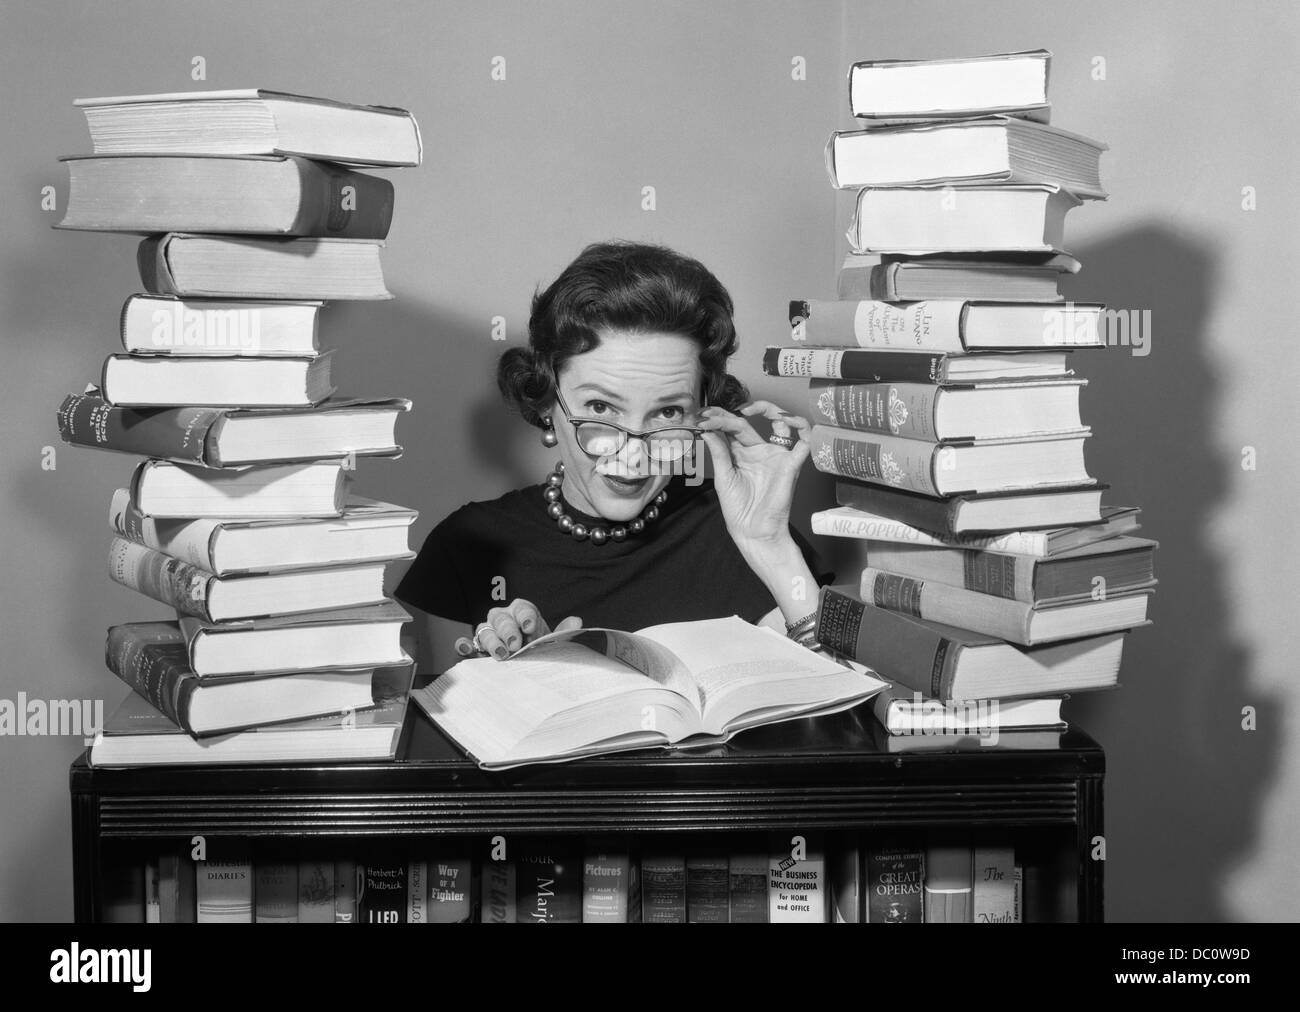 1950 MUJER SENTADA ENTRE LAS PILAS DE LIBROS tirando hacia abajo LAS GAFAS PARA MIRAR POR ENCIMA DE LAS LLANTAS Imagen De Stock